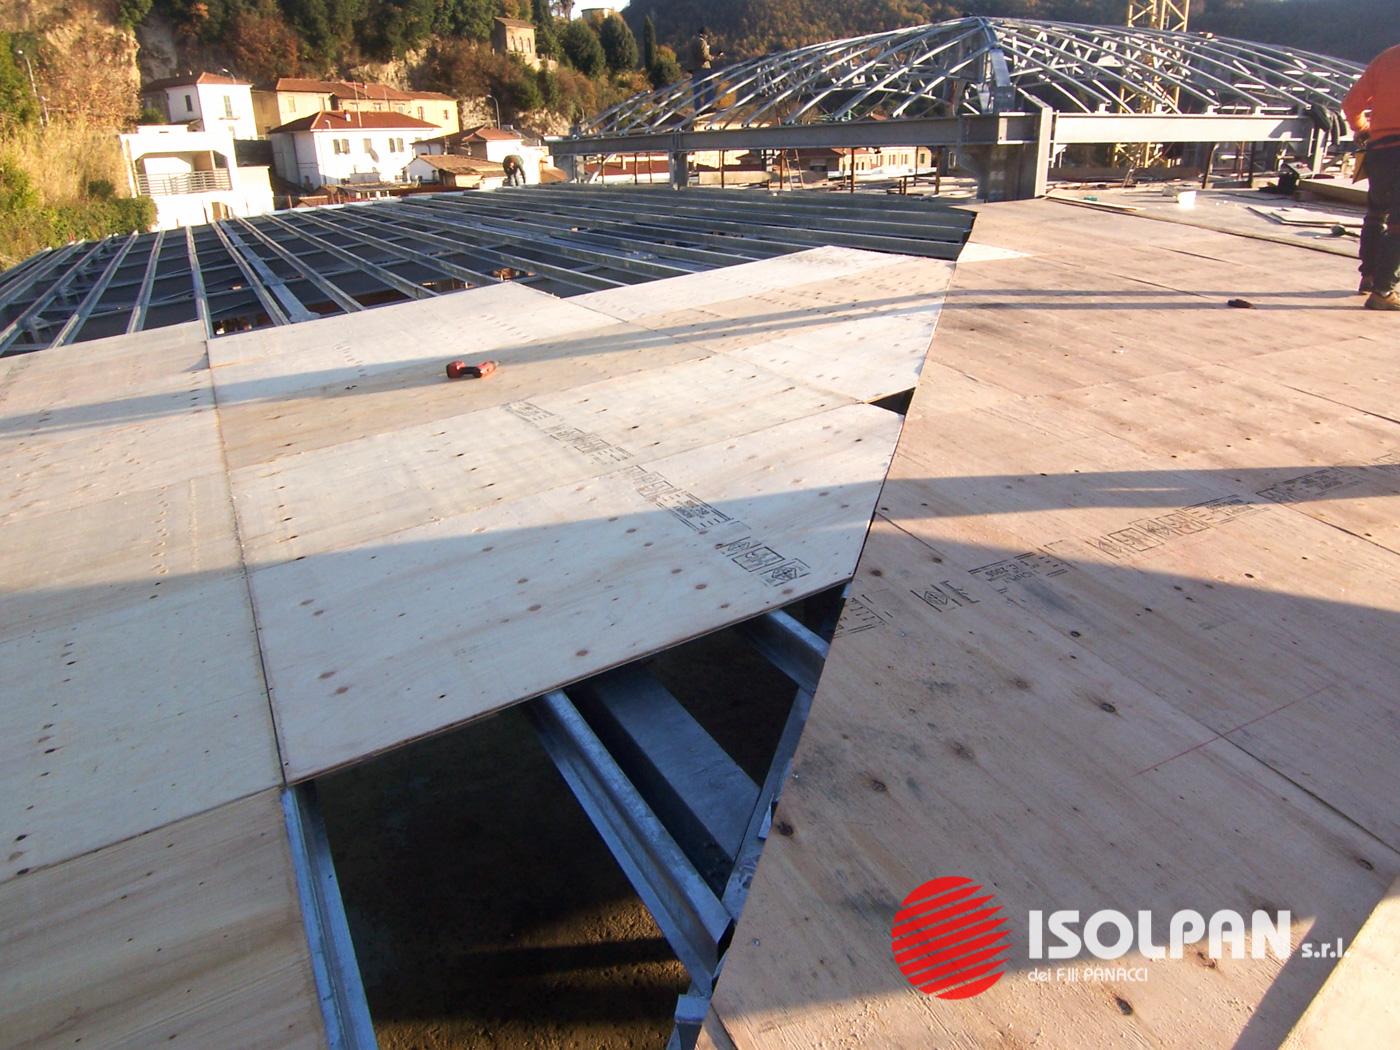 Isolpan Srl - Sistemi di impermeabilizzazione - Sora (FR)   Overplace